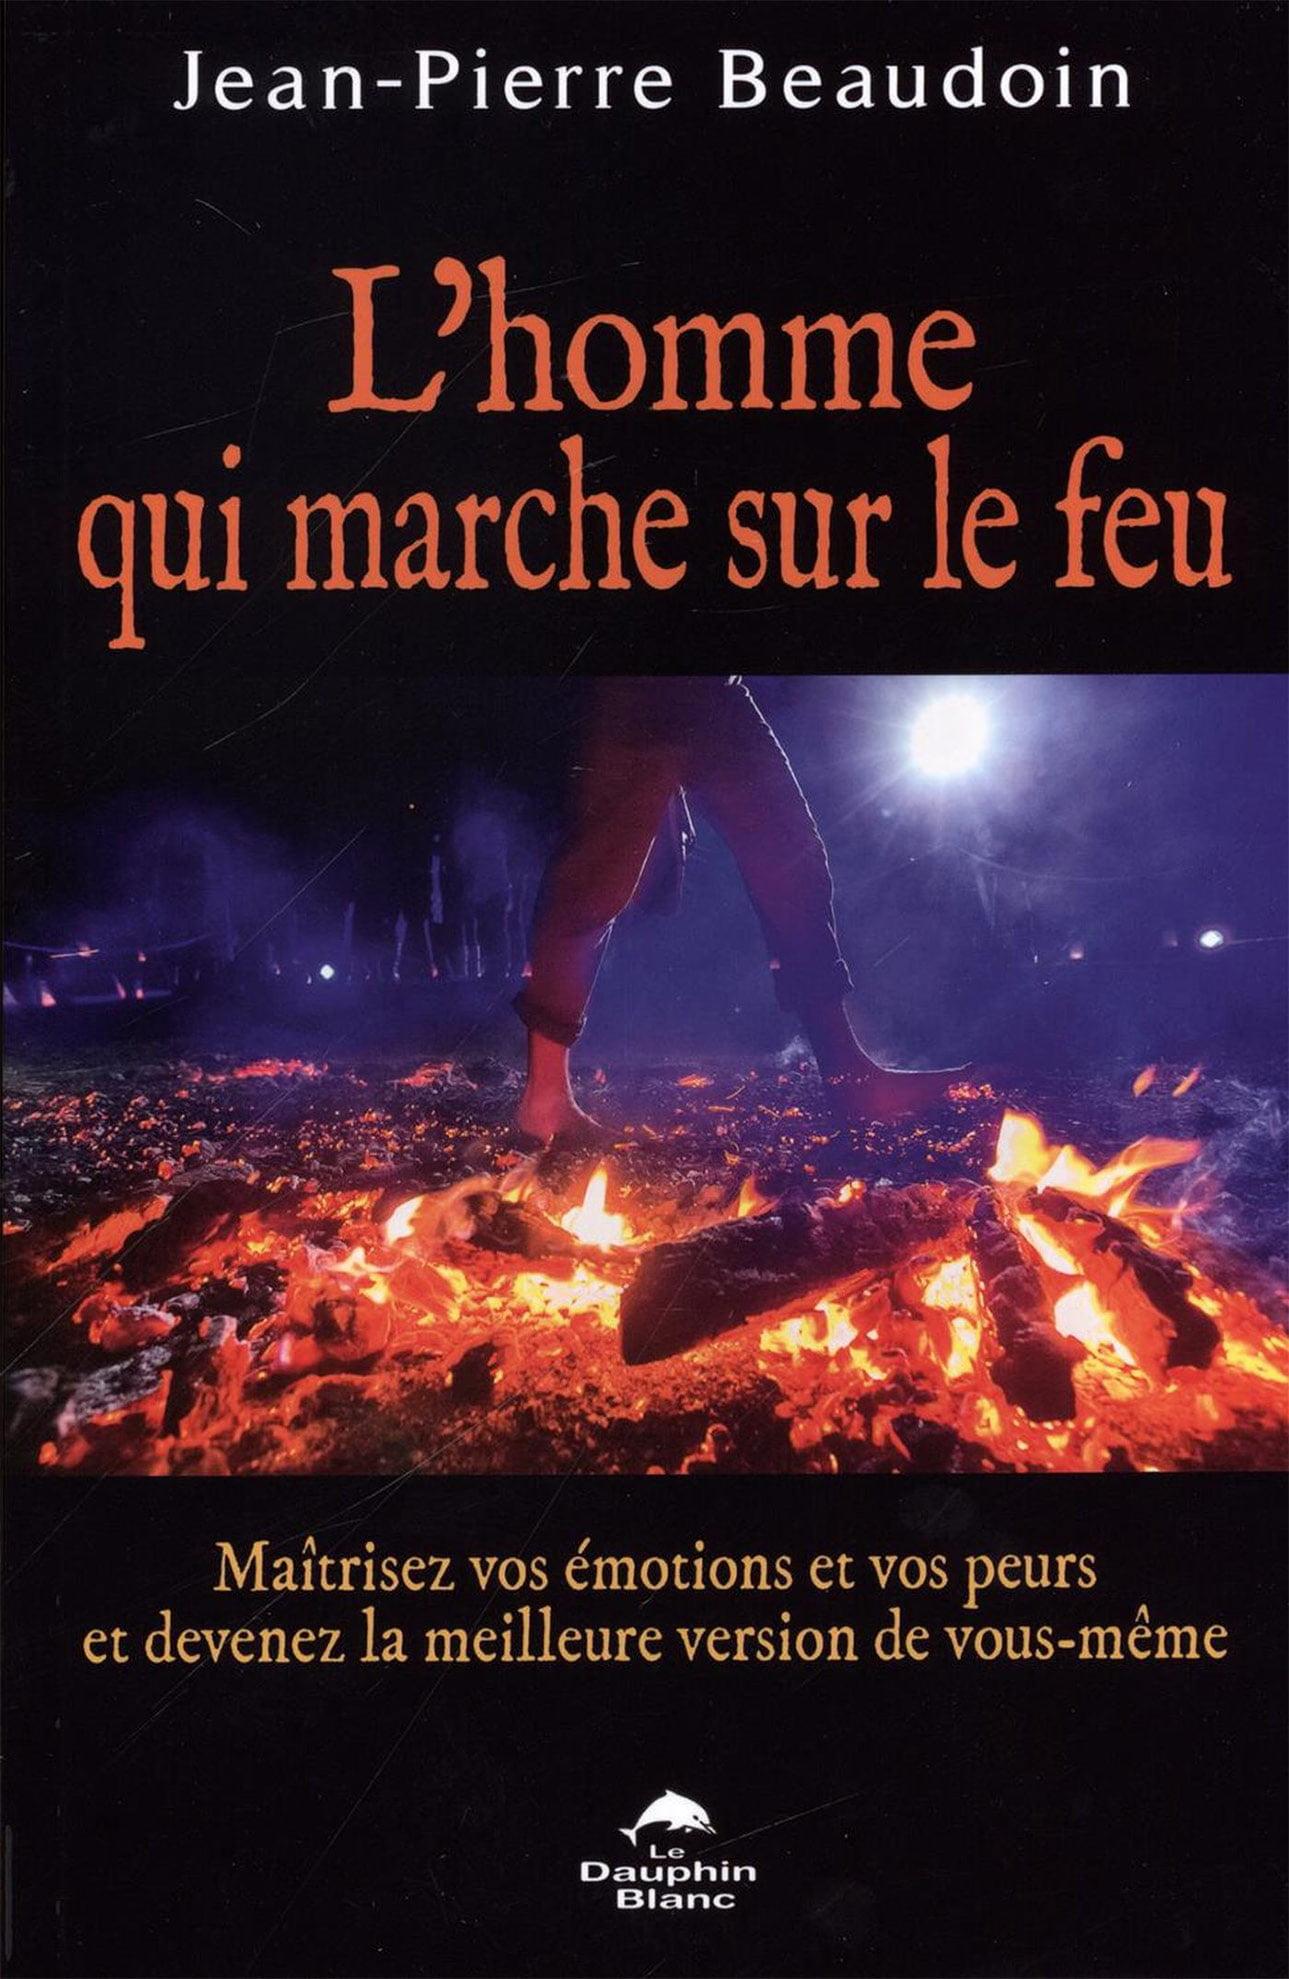 livre_lhomme_marche_sur_feu_jpbeaudoin